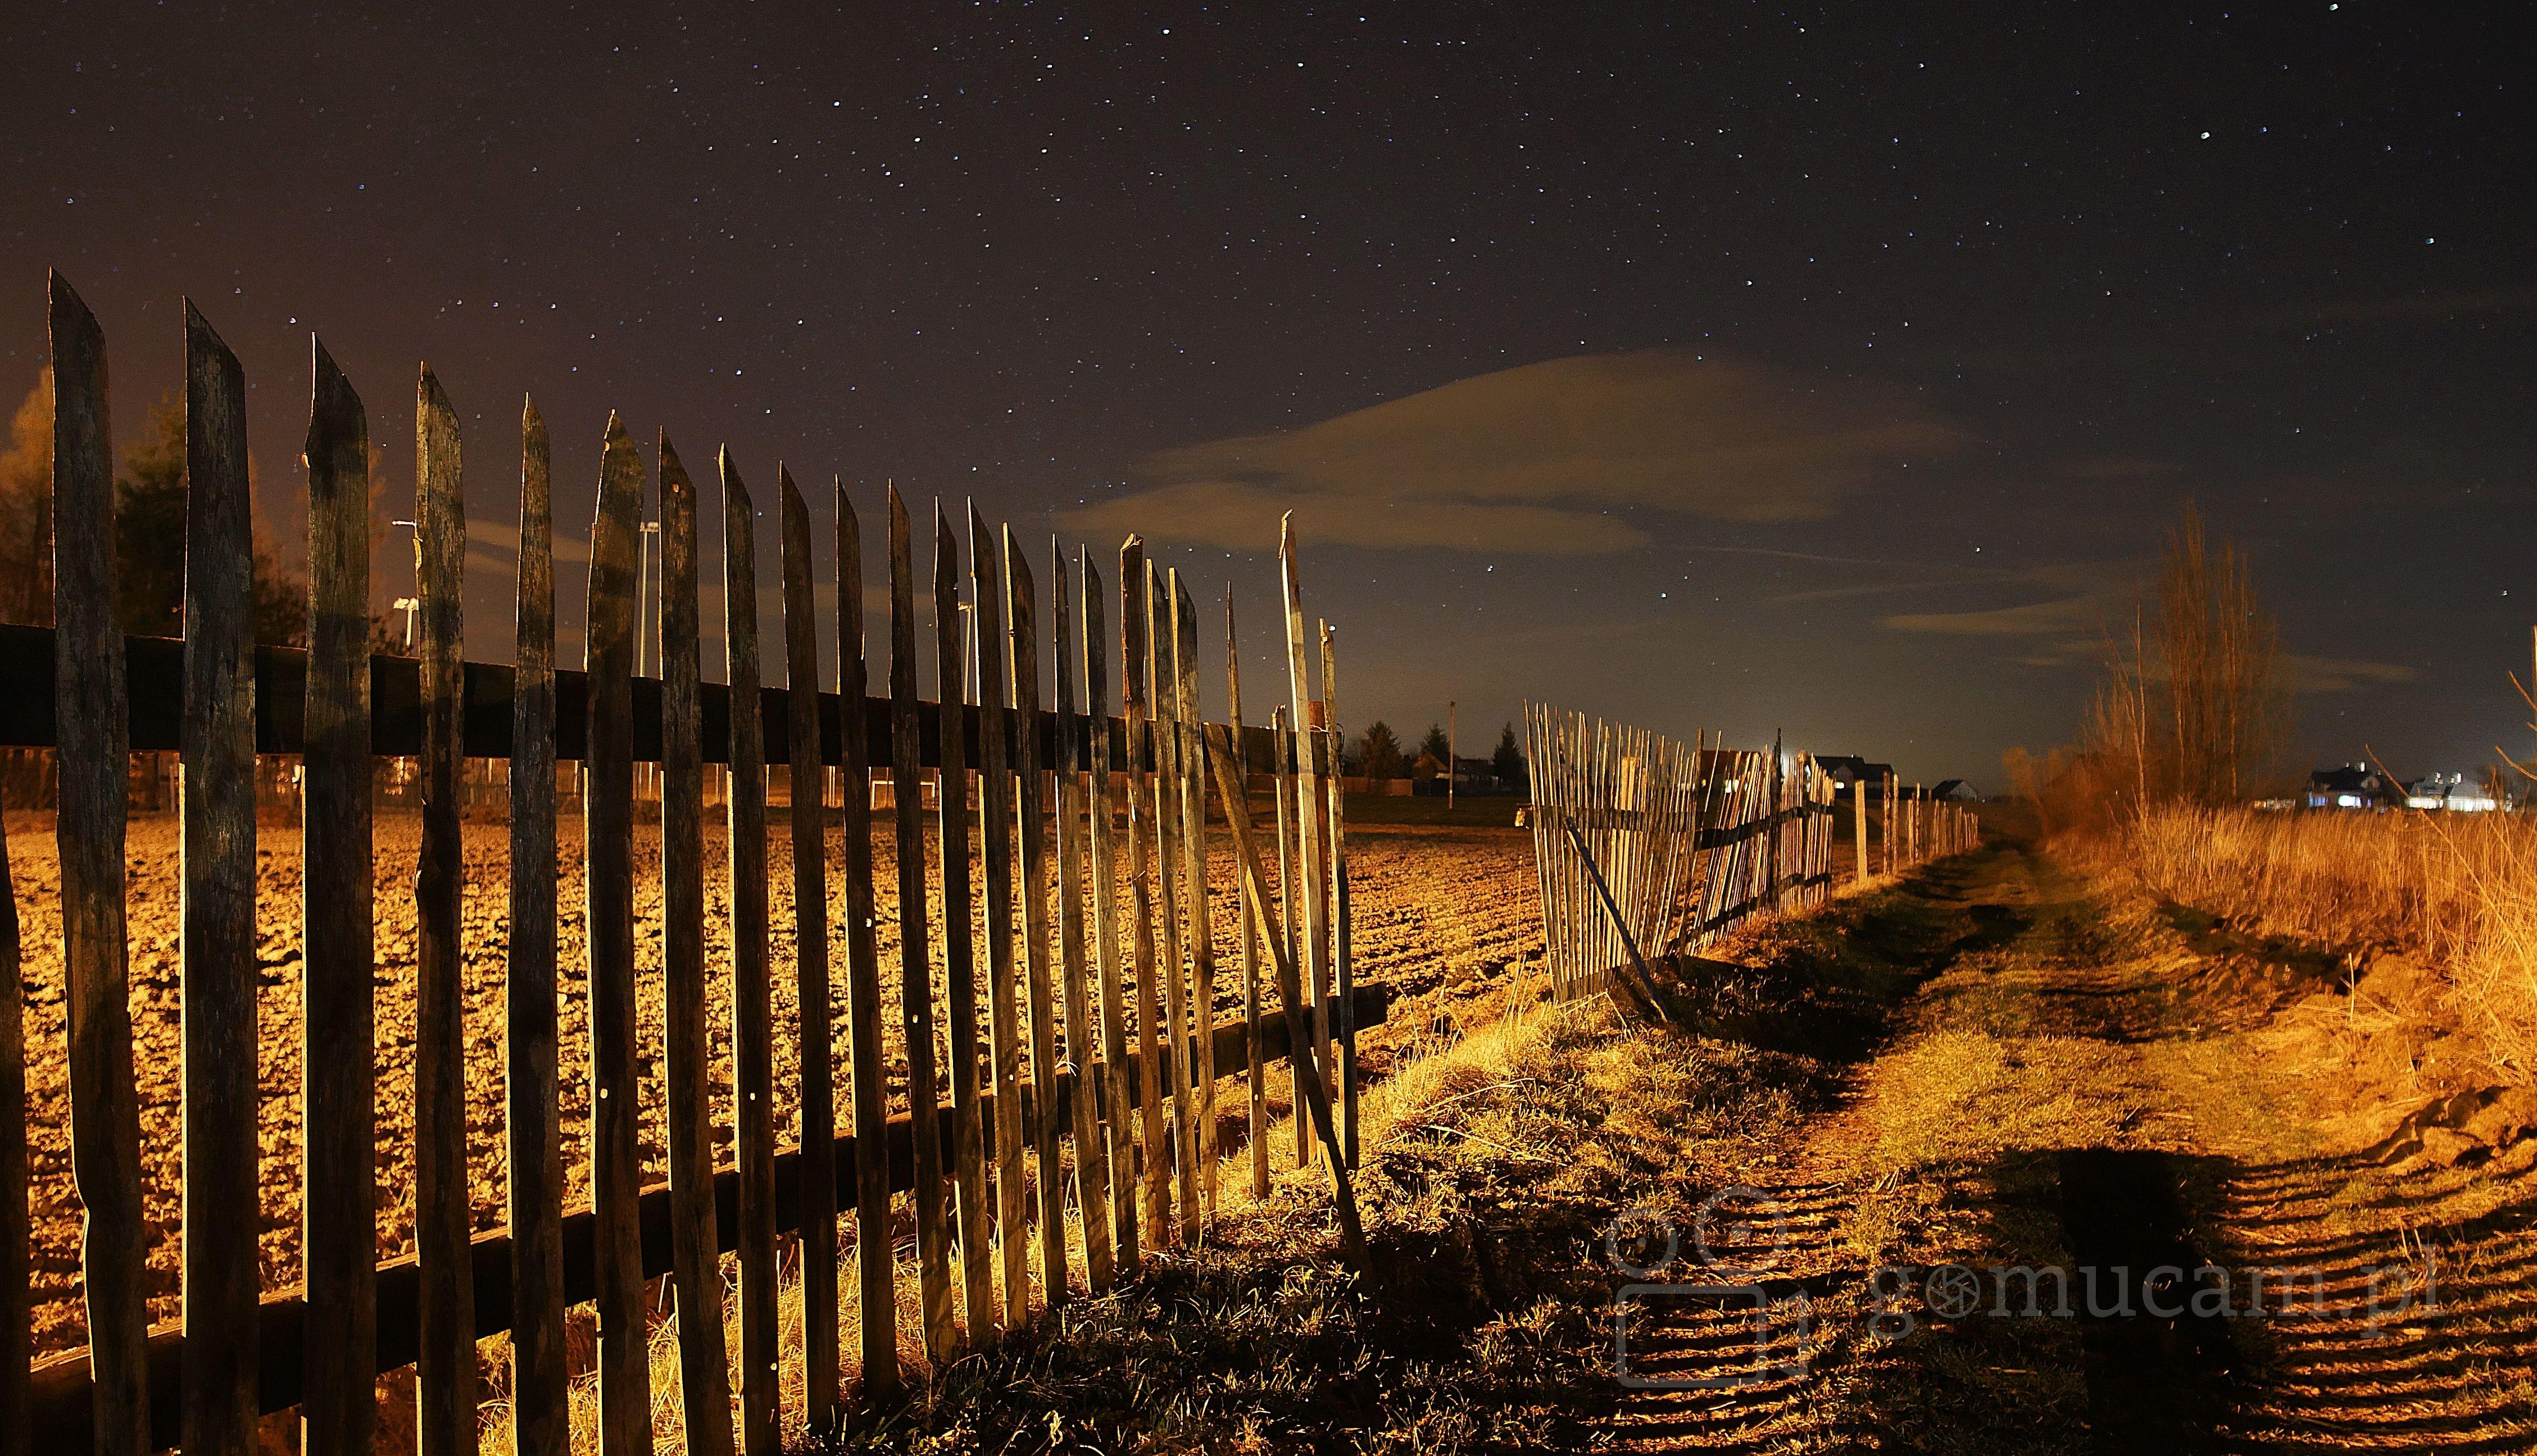 Nocne obserwacje